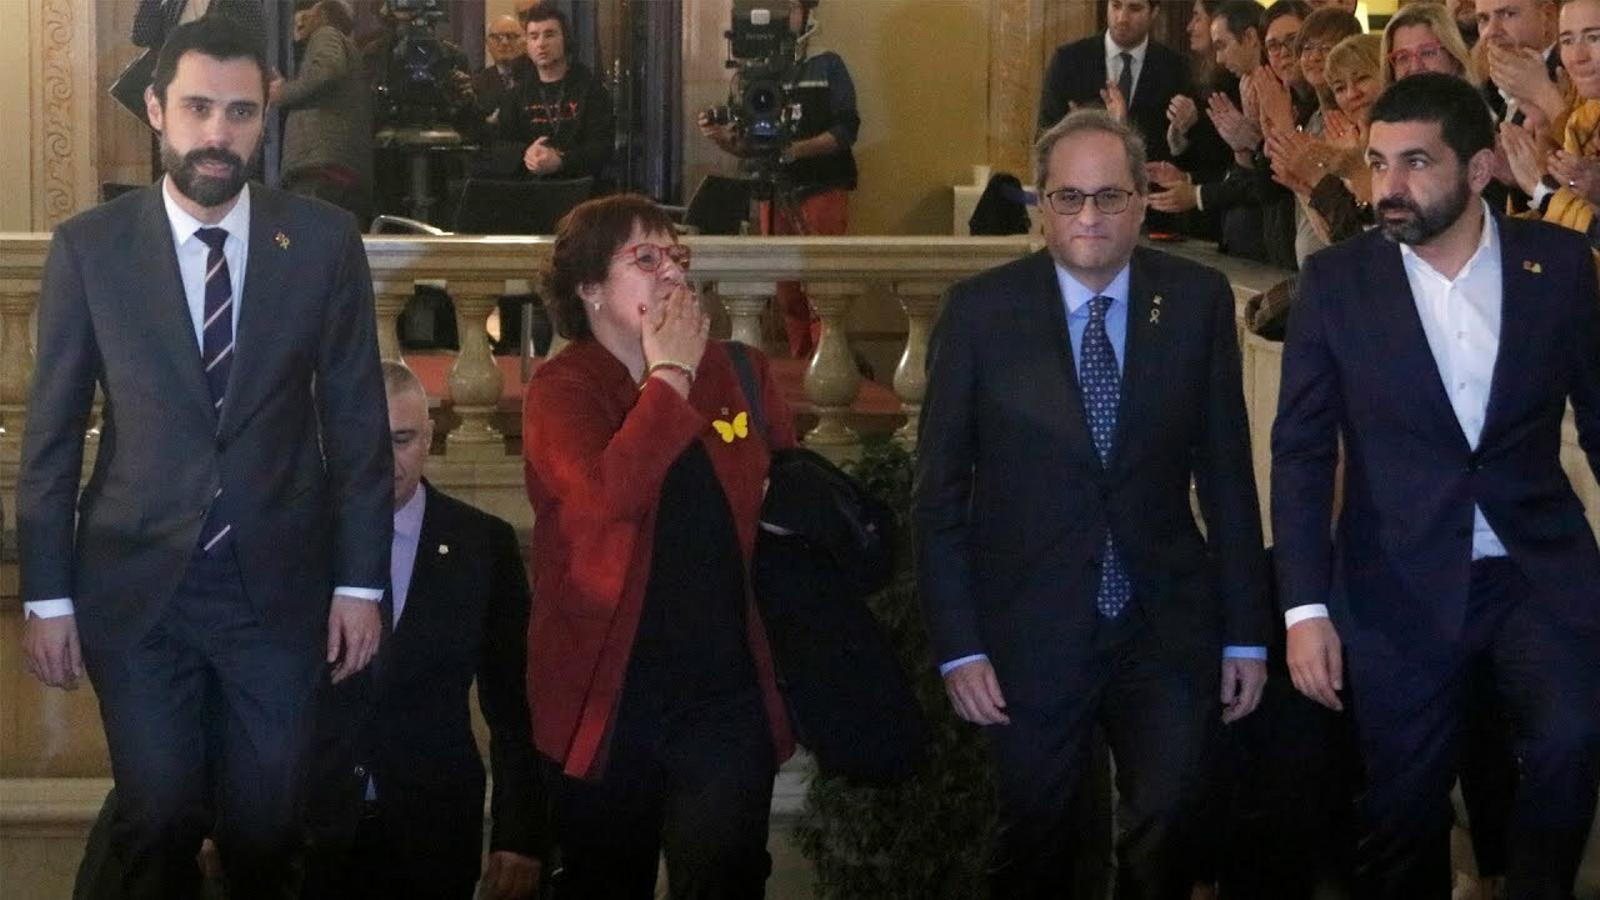 Així han arribat els presos polítics al Parlament